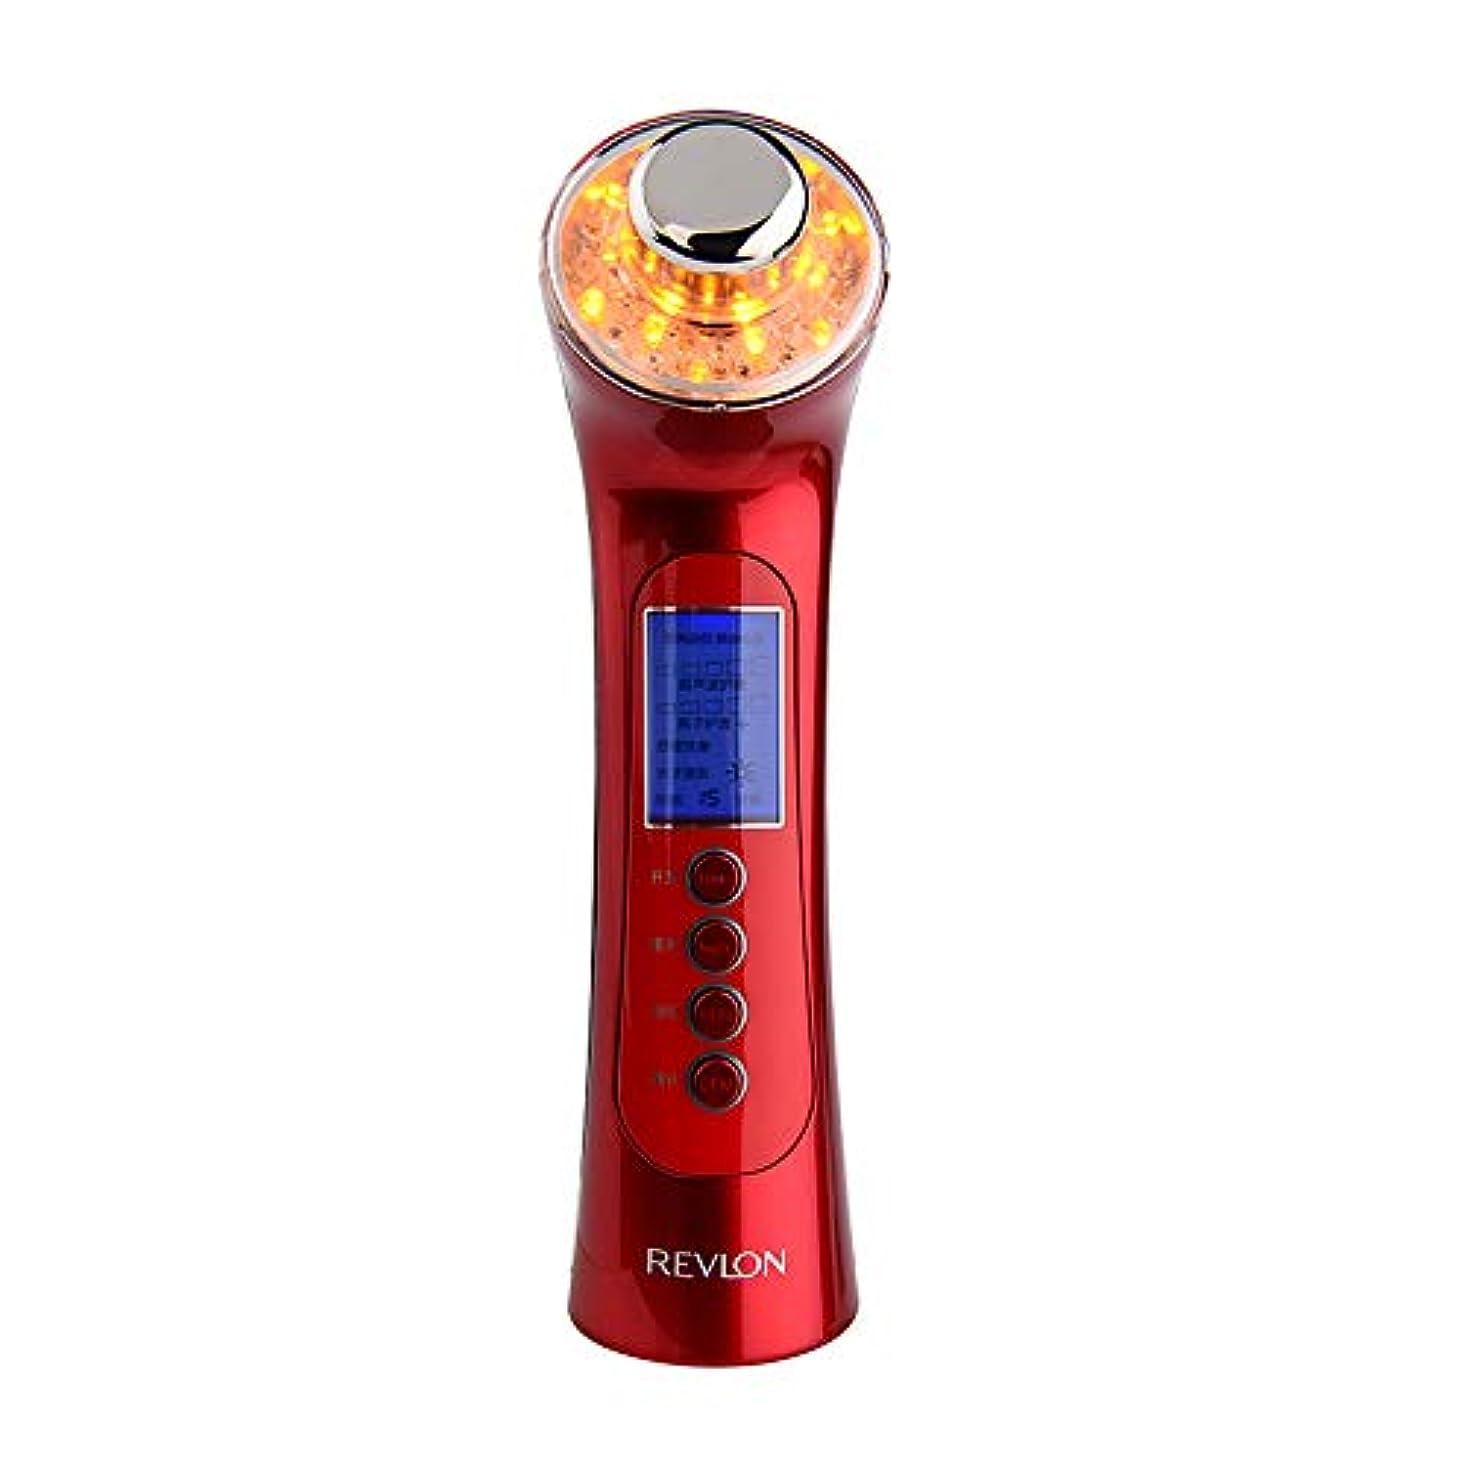 良心敬意を表するアクセル肌を引き締め機、5に1で5洗顔マッサージマッサージマッサージャーで3色ライトディープクレンジングアンチエイジング多機能振動美容機器